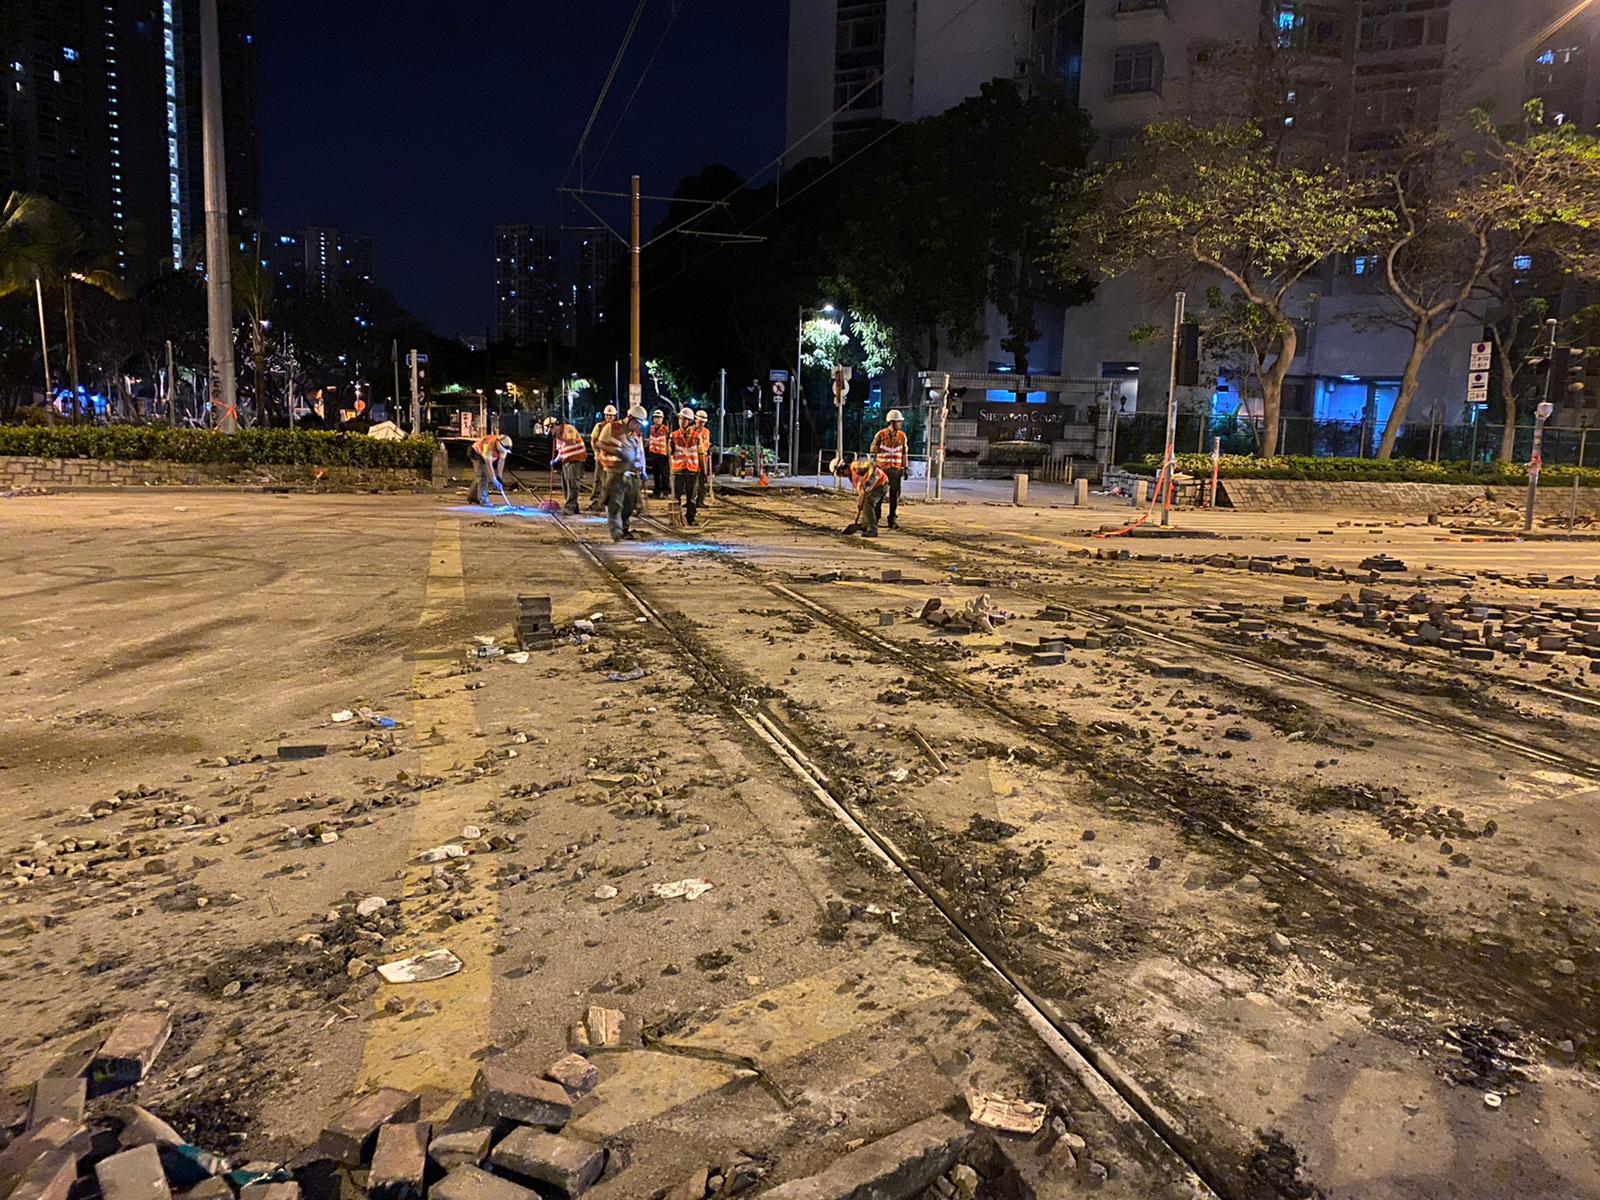 天耀路天湖路交界的輕鐵路軌,被人用水泥填平。港鐵提供